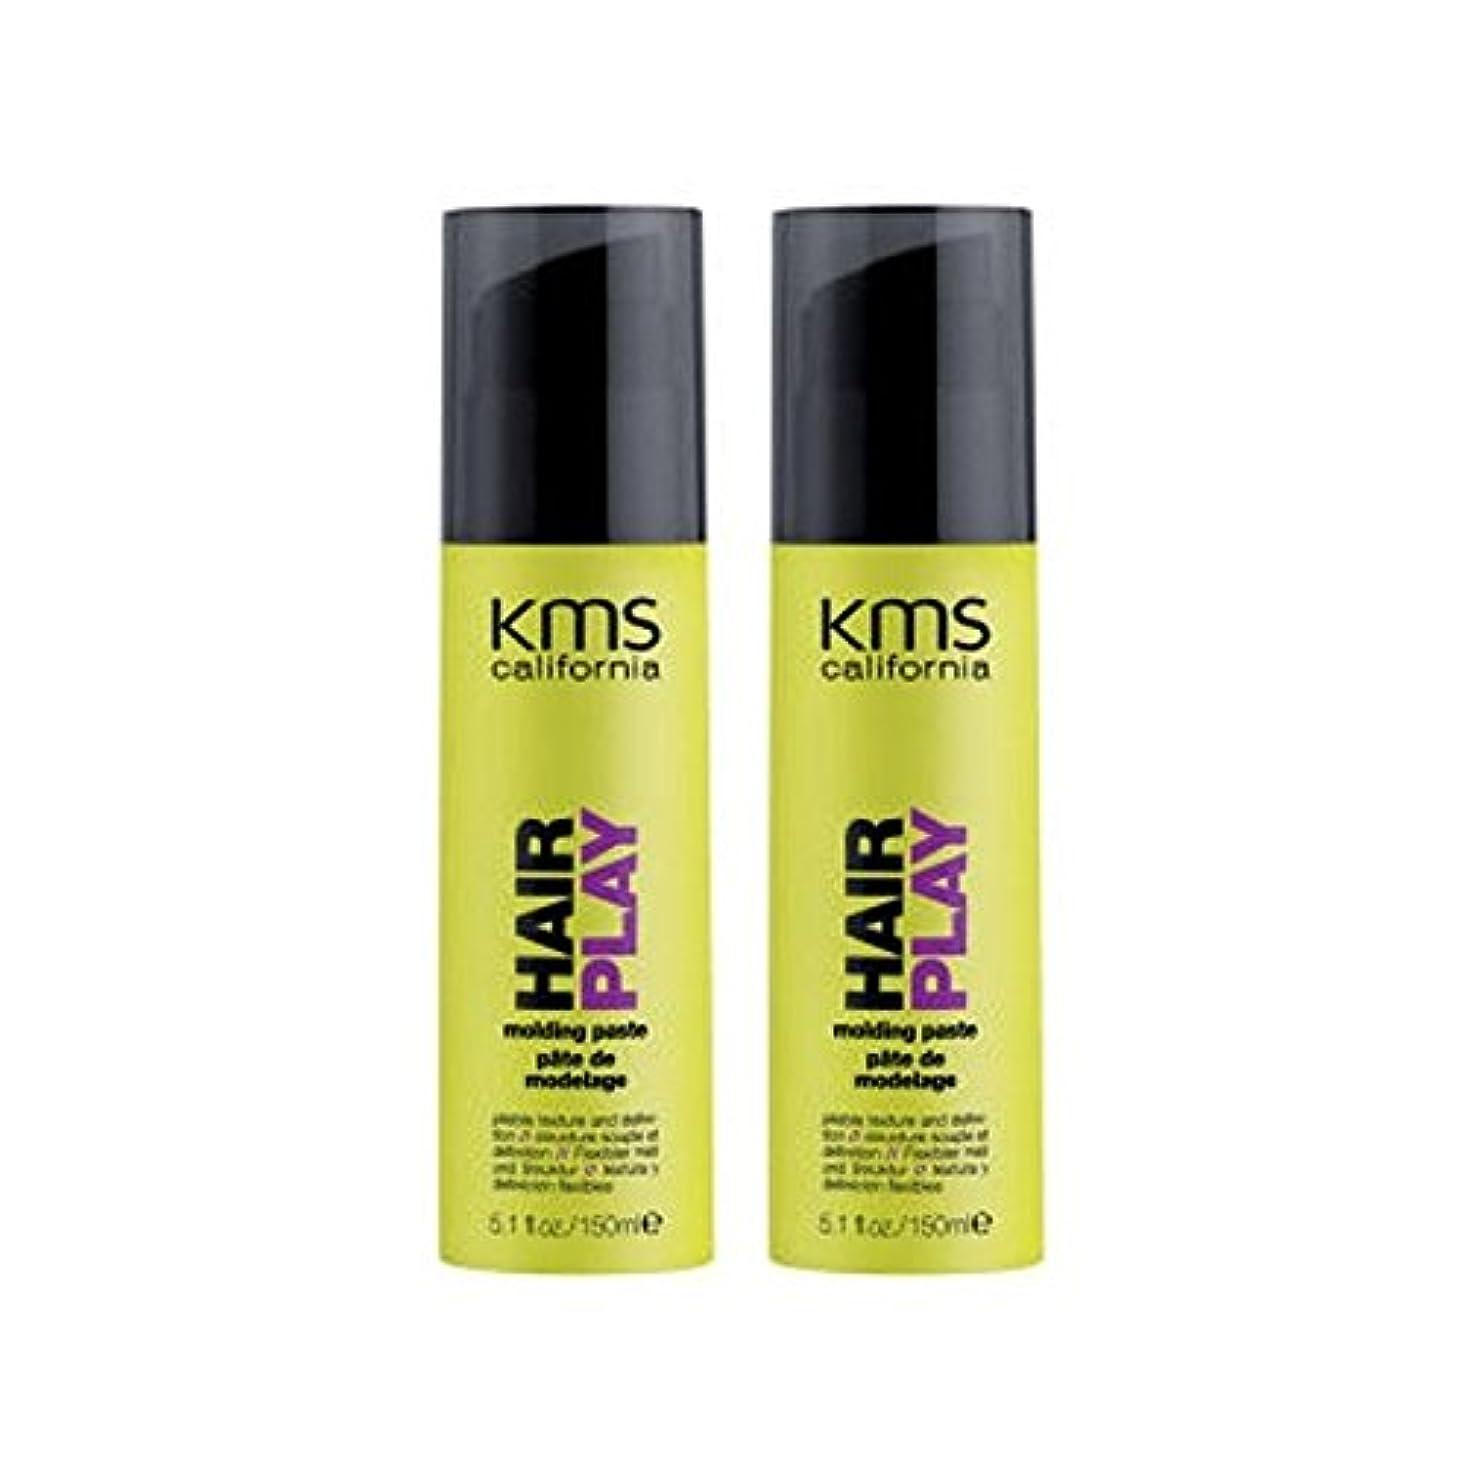 経験的ハードウェアロイヤリティカリフォルニア成形ペーストデュオを x4 - Kms California Hairplay Molding Paste Duo (Pack of 4) [並行輸入品]